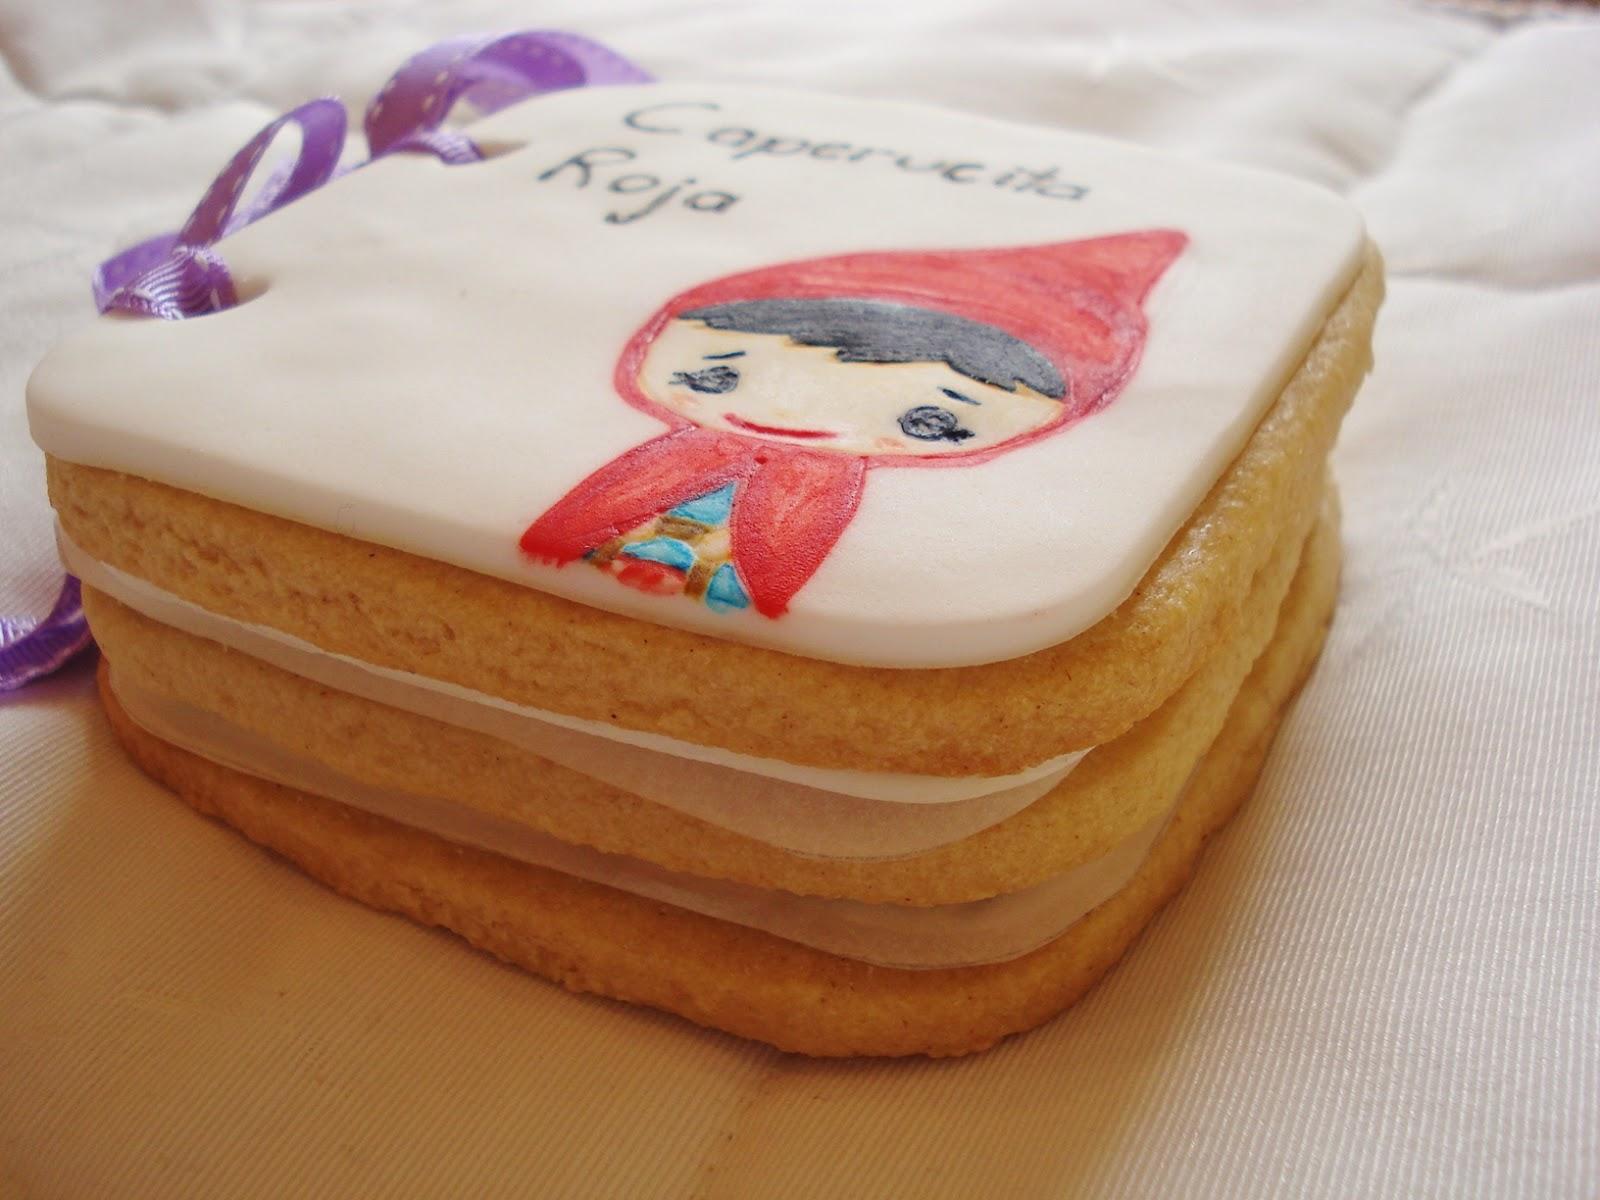 Rosso Gourmet: Cookie books: La loca idea de hacer libros comestibles!